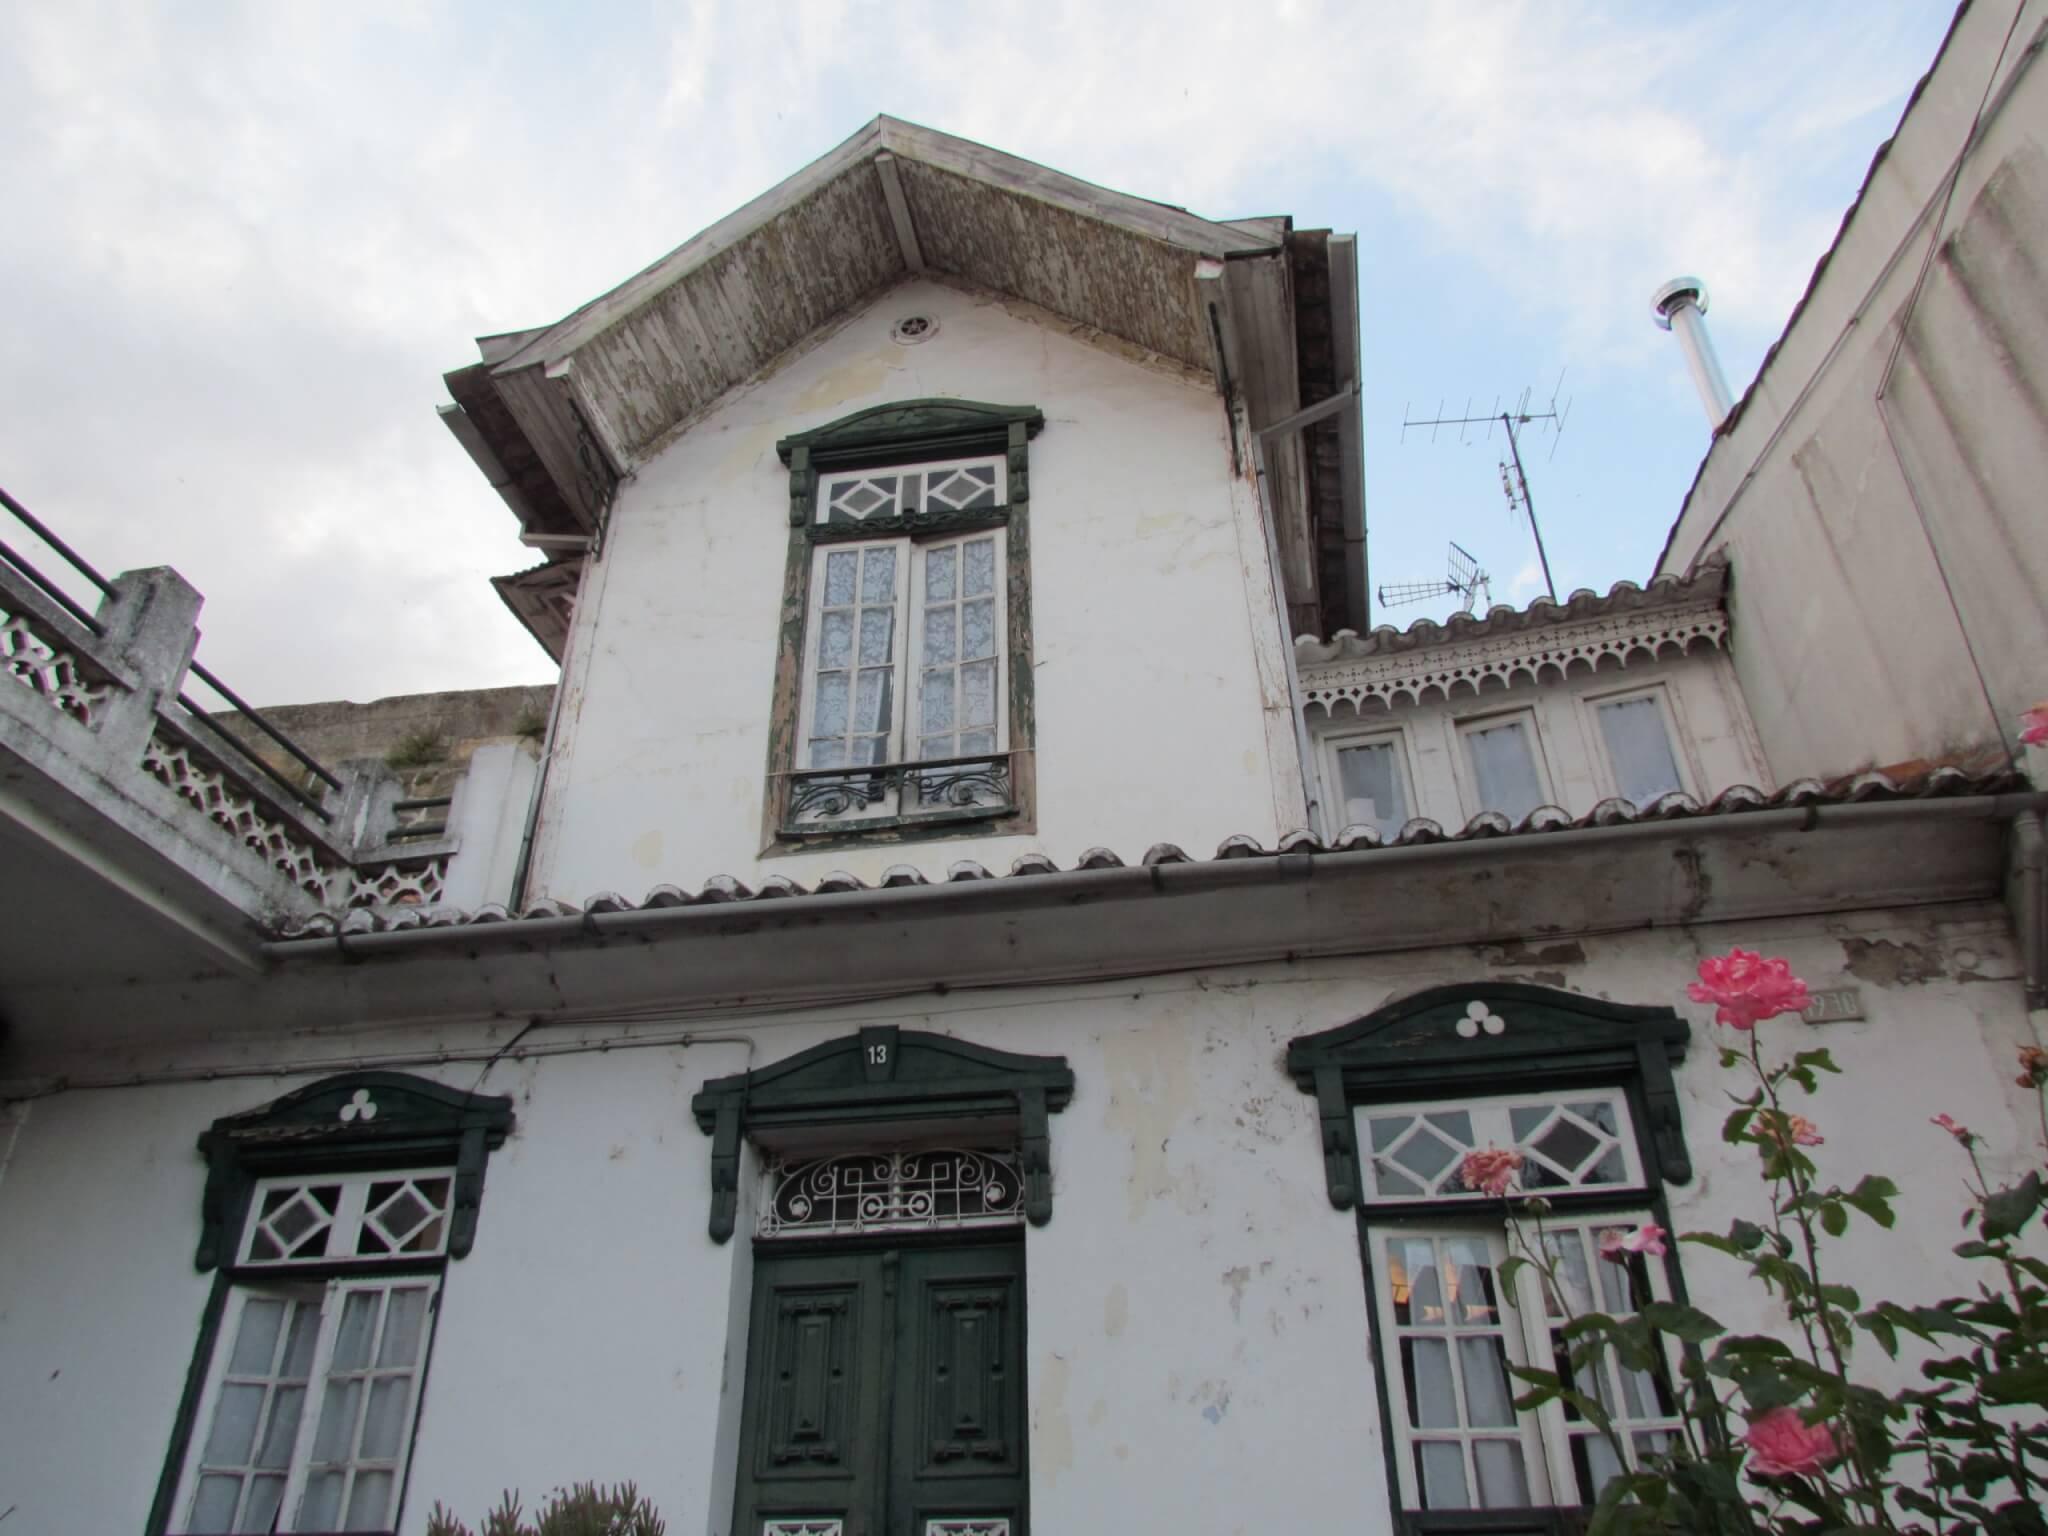 As casas e as janelas